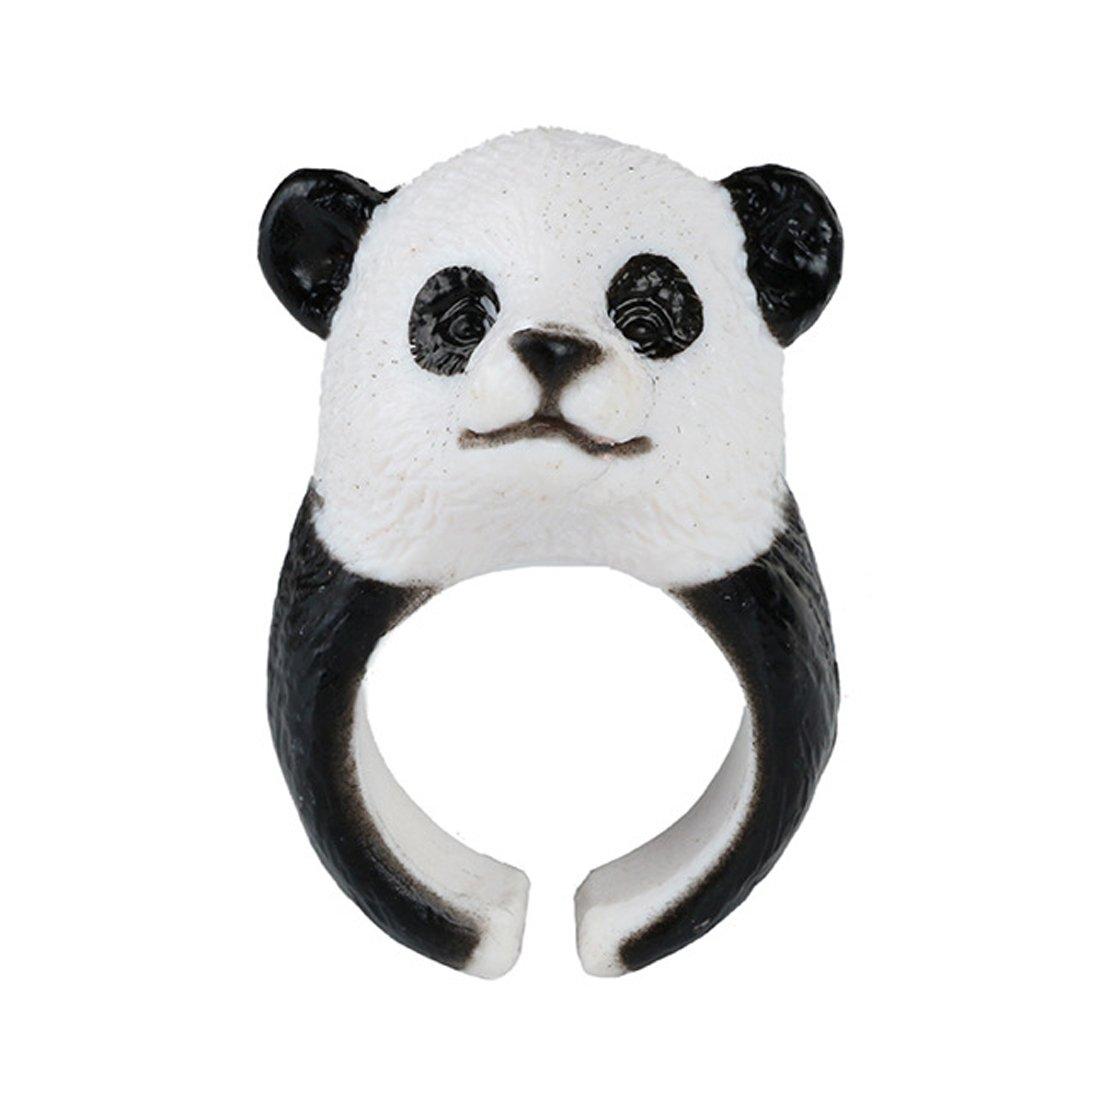 Caimeytie Bijoux Enfant Bague Panda Réglable 3D Animal Personnalisé Créatif T49-51.5